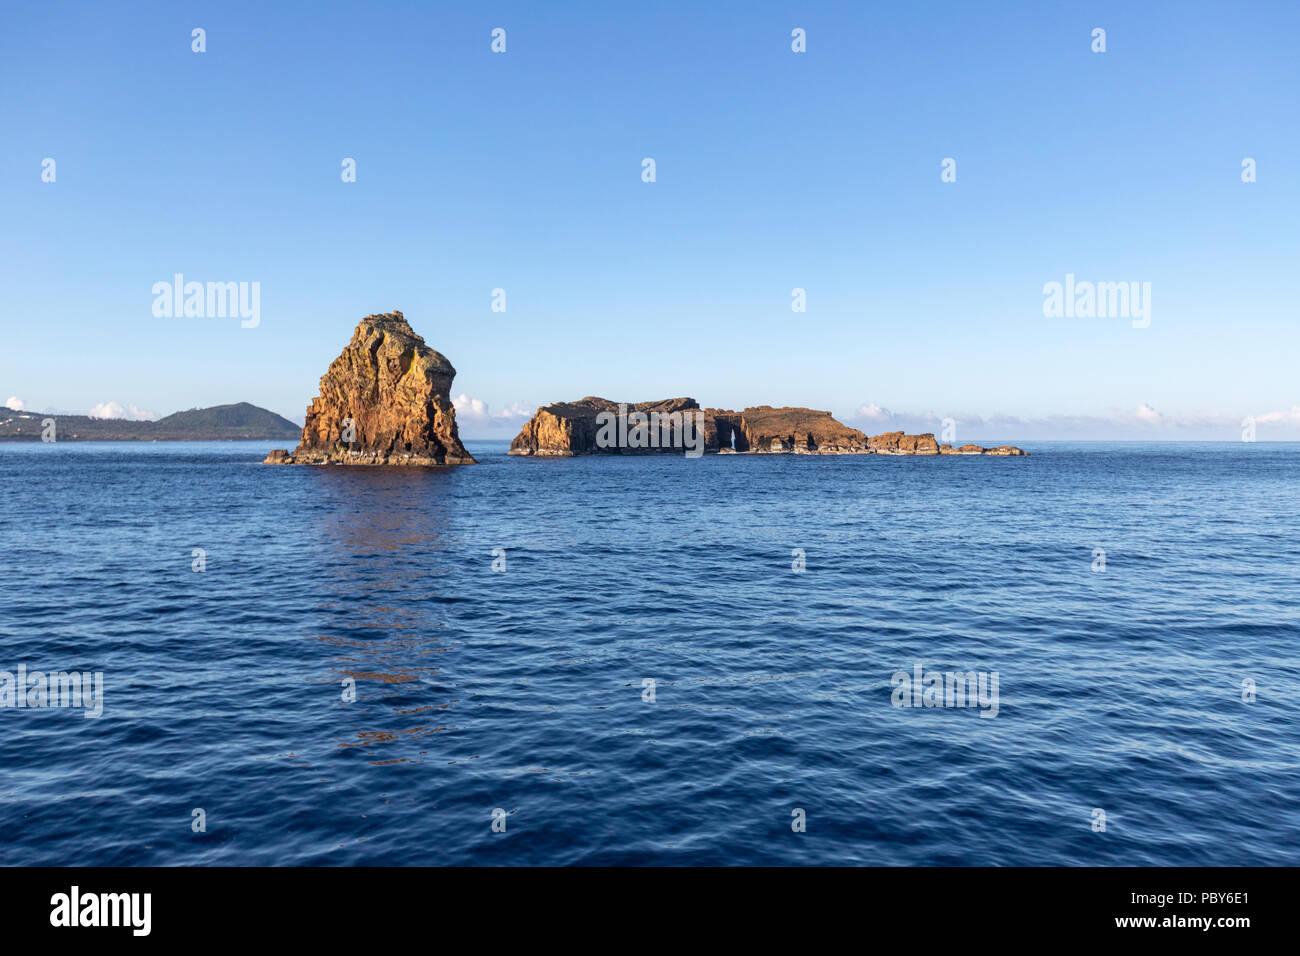 Ilhéus Deitado e Em Pé  in Madalena from the ferry to Horta, Pico Island, Azores, Portugal - Stock Image